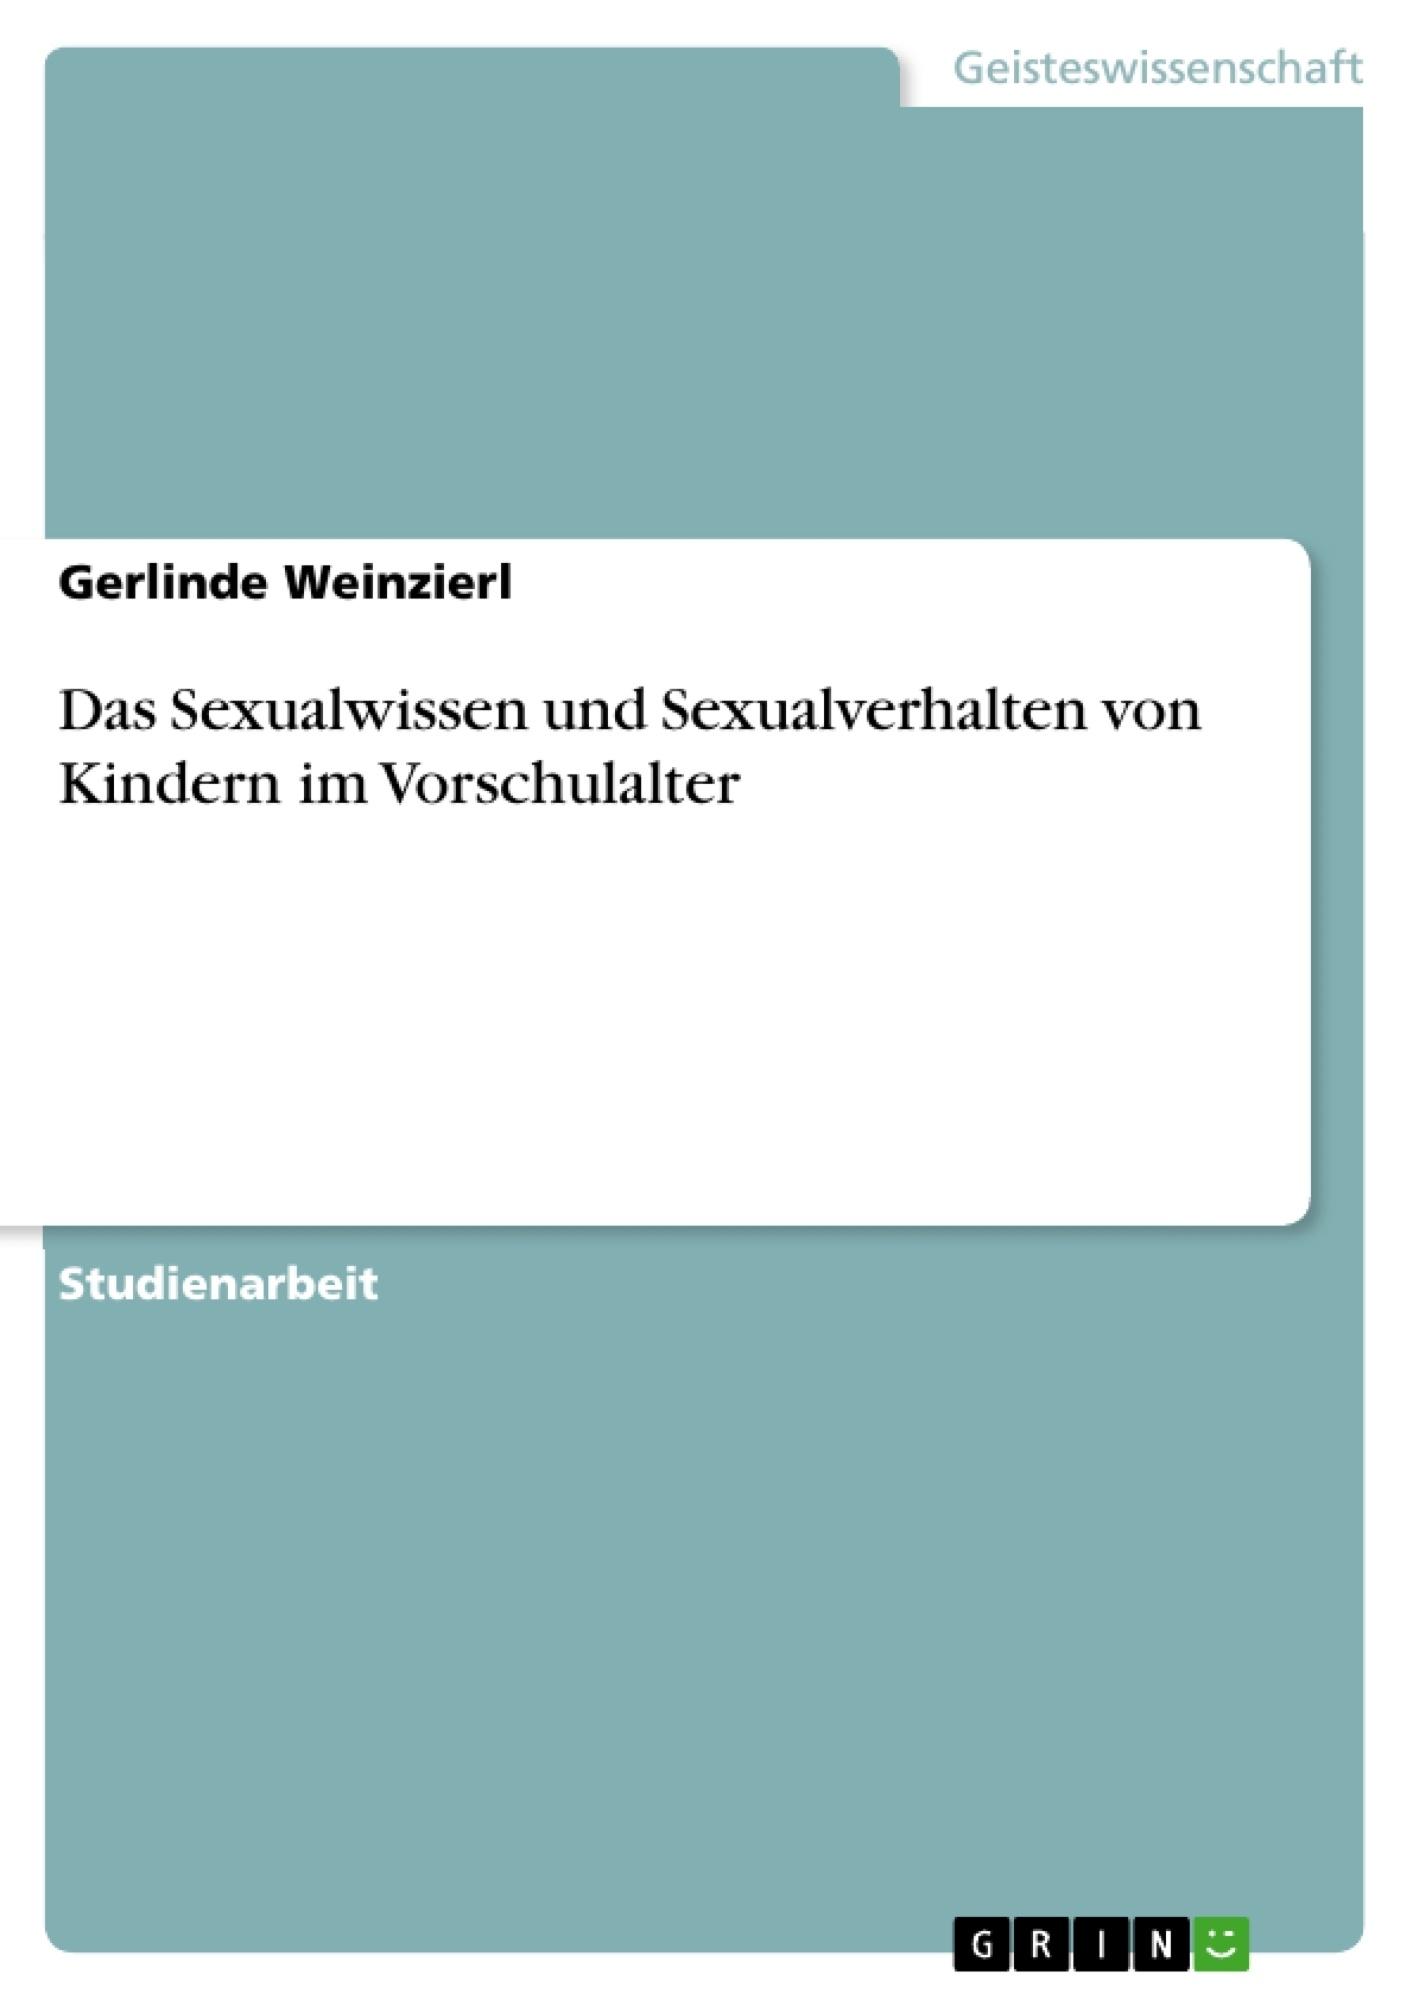 Titel: Das Sexualwissen und Sexualverhalten von Kindern im Vorschulalter